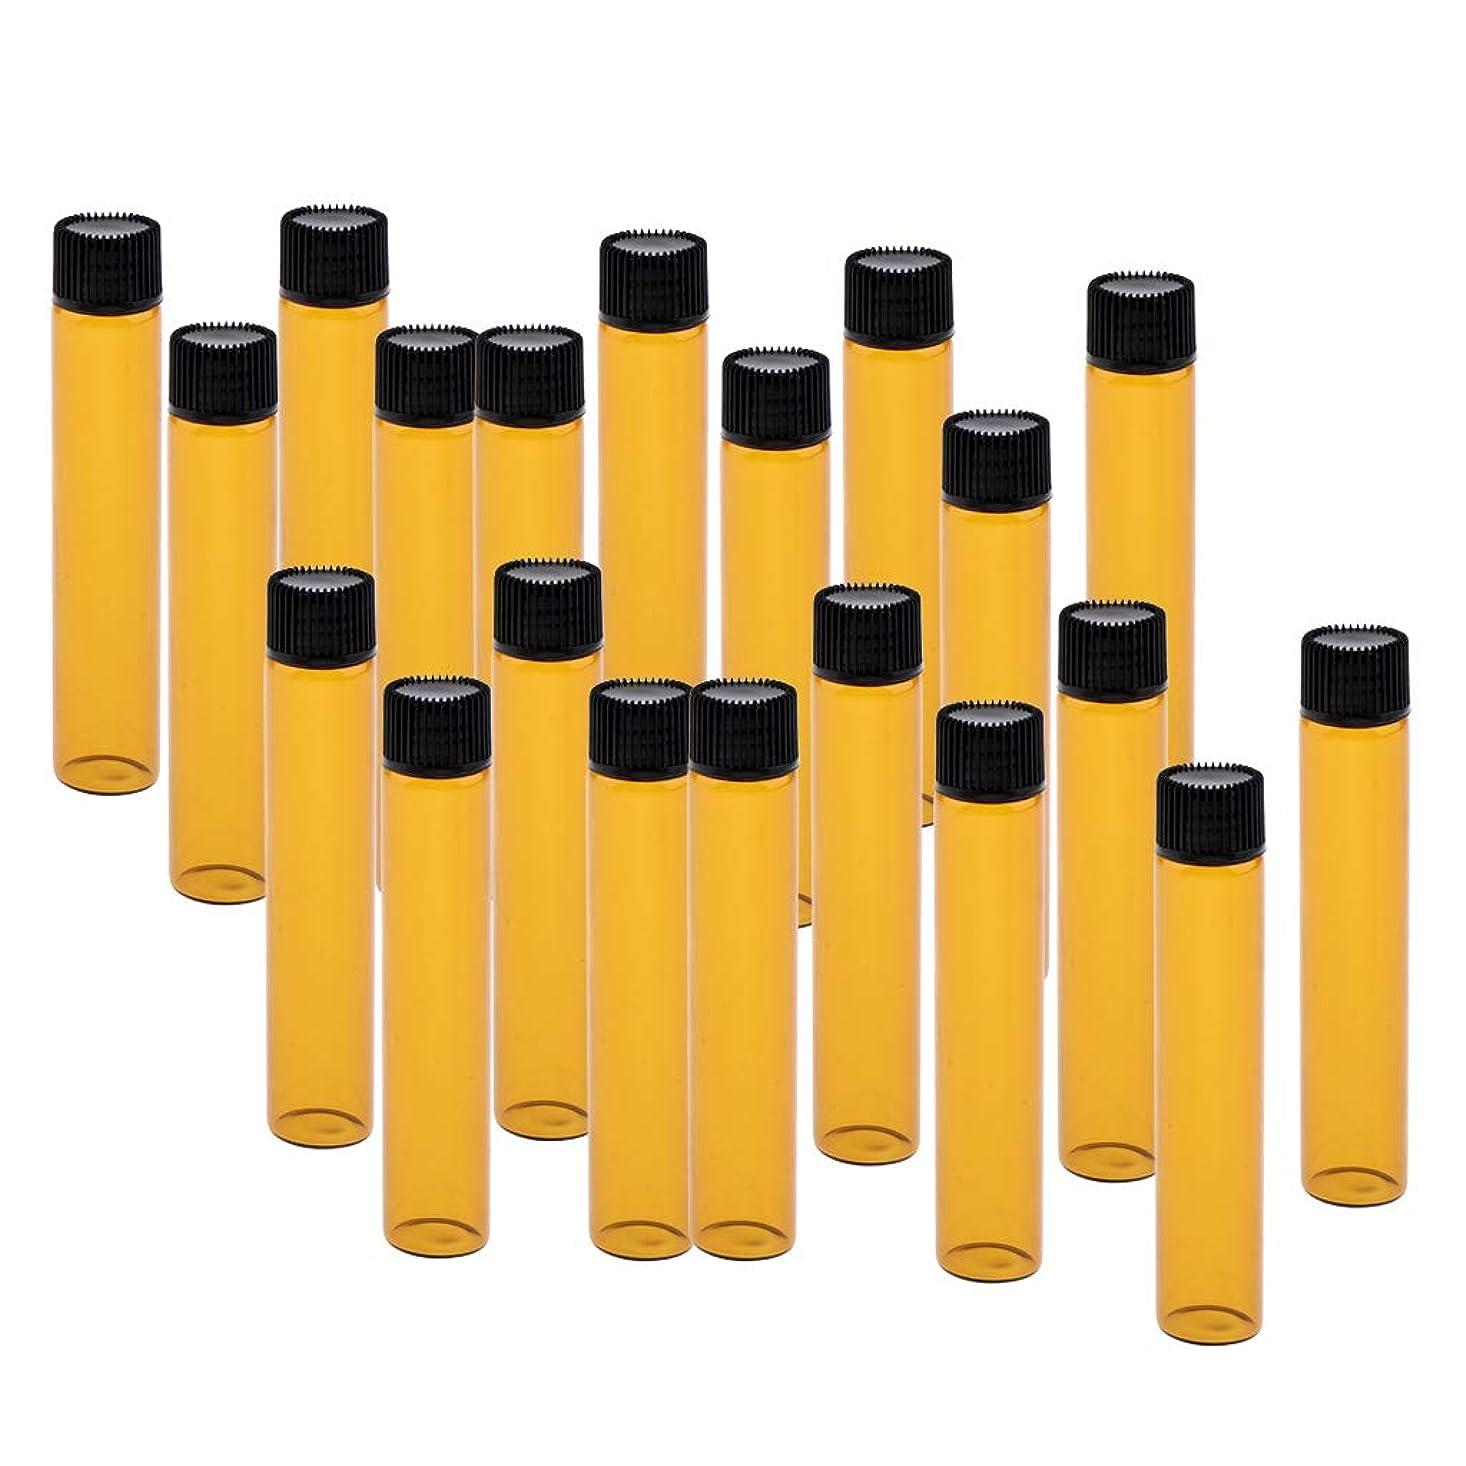 奪うお勧めいうPerfeclan 20個 詰替え容器 香水ボトル ガラスボトル 小分け容器 小分けボトル 全4色 - ブラック